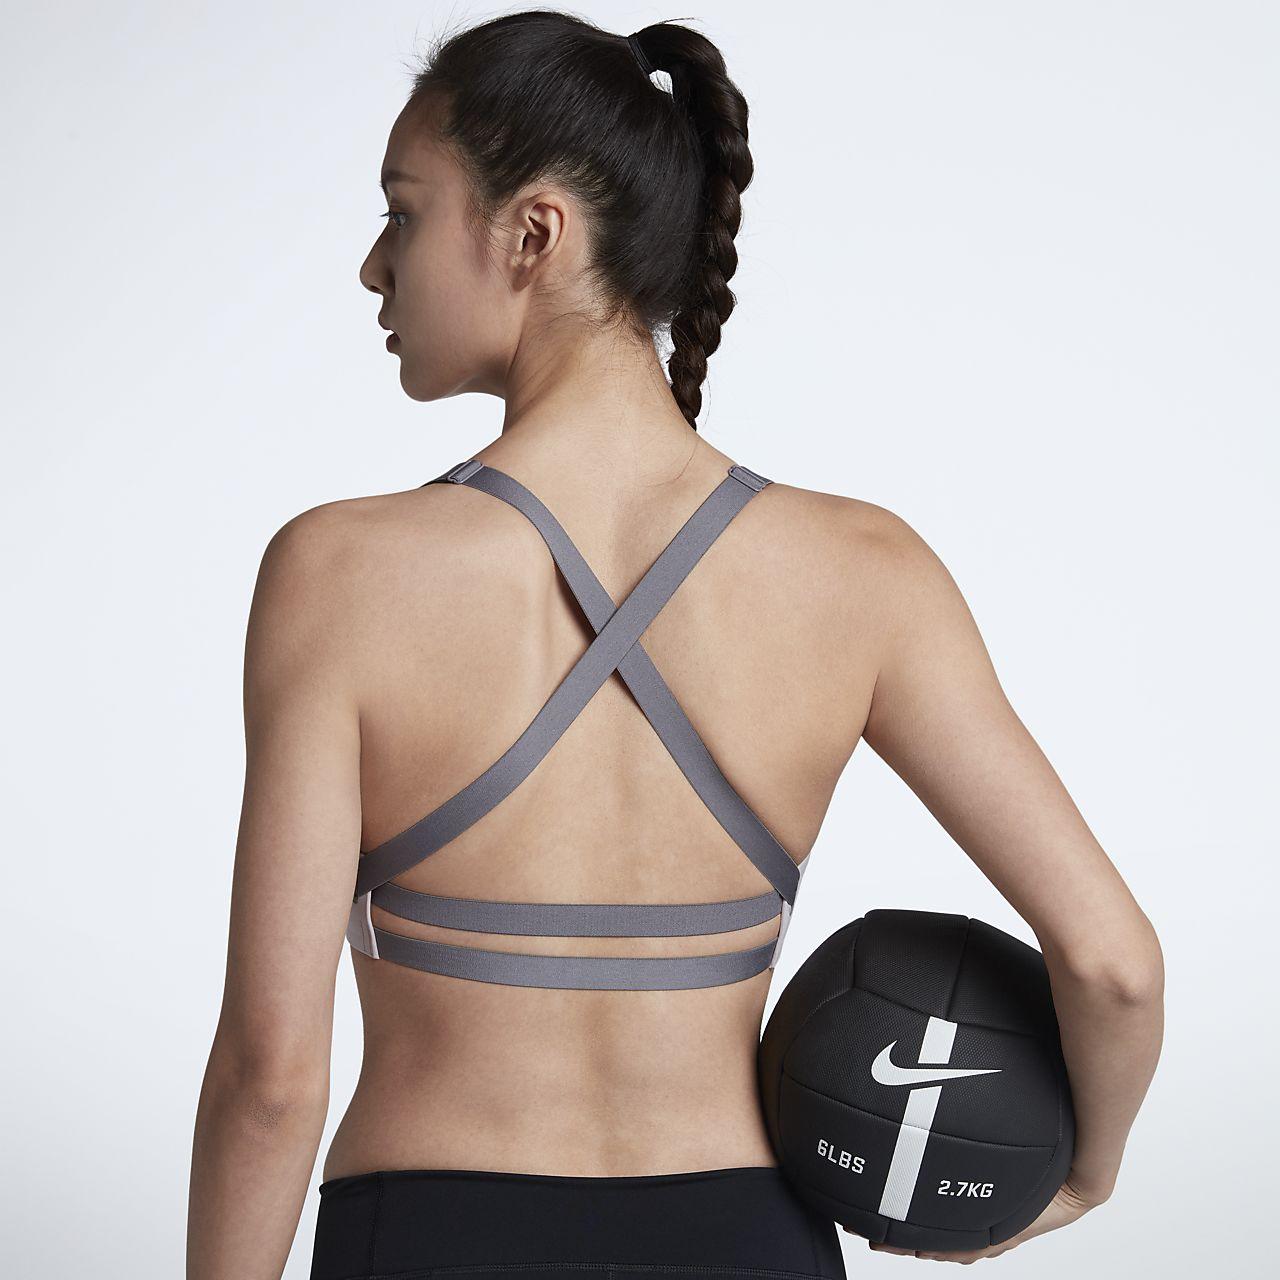 Nike Studio 女子低强度支撑运动内衣